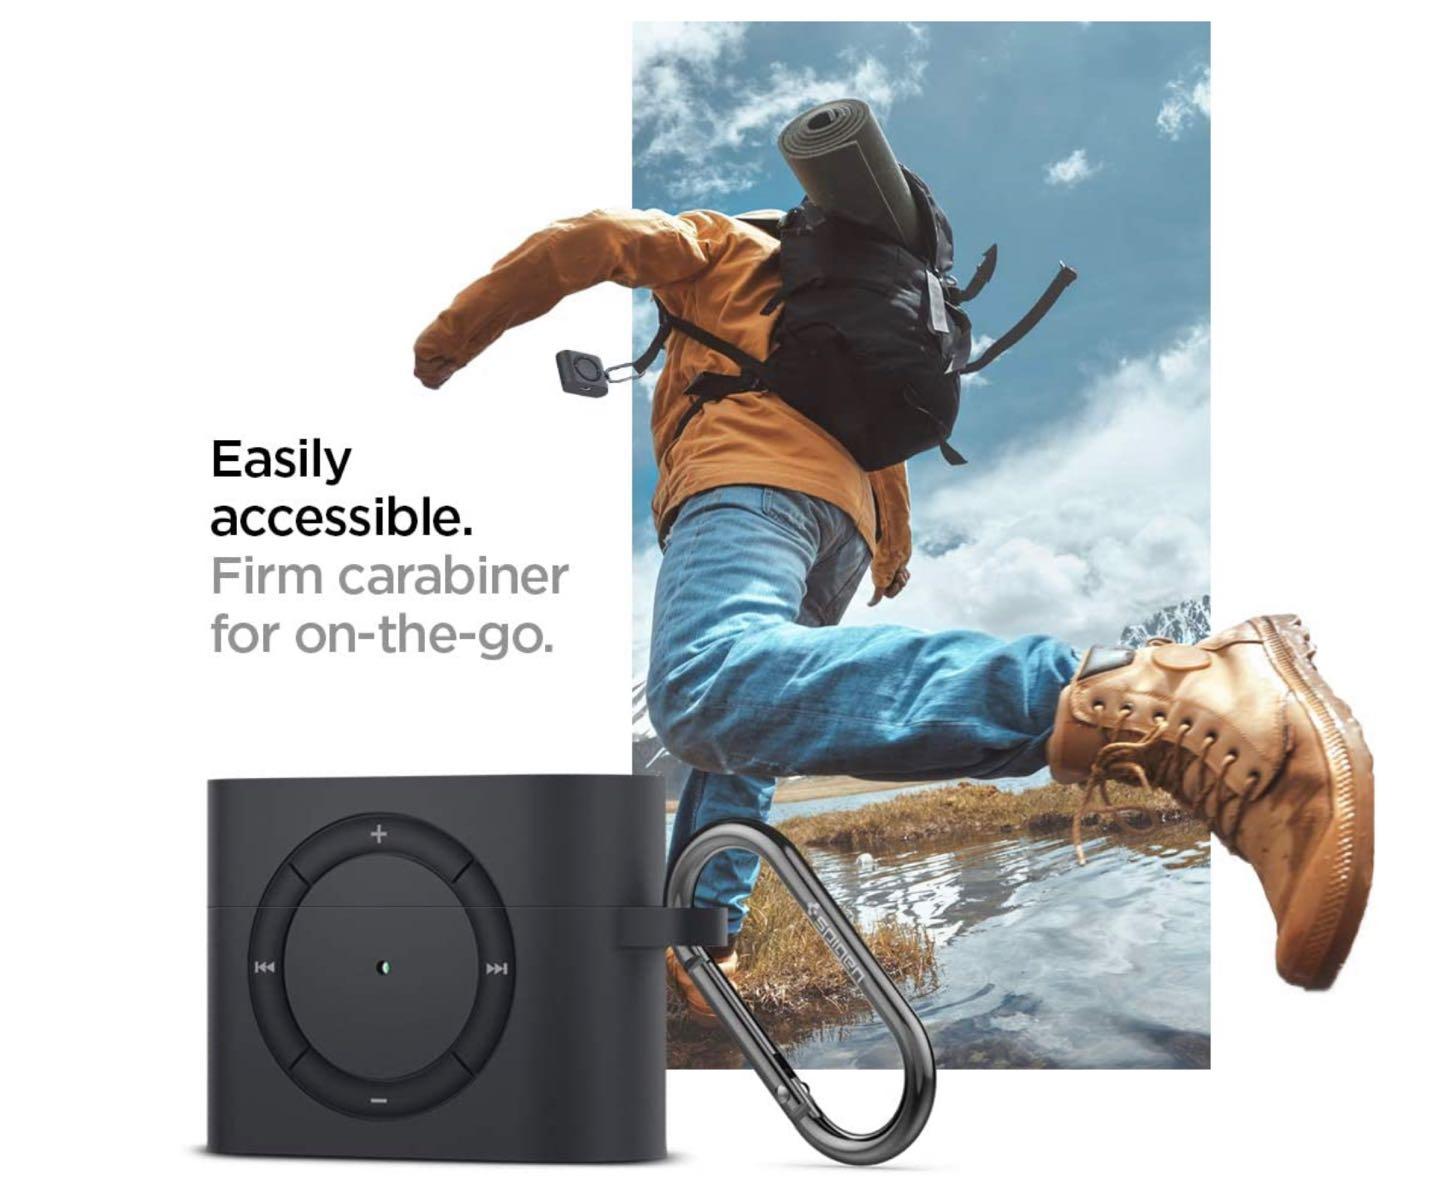 Apple AirPods Pro ケース カバー iPod shuffle 完全再現 カラビナ リング 付き シリコン 収納ケース−4